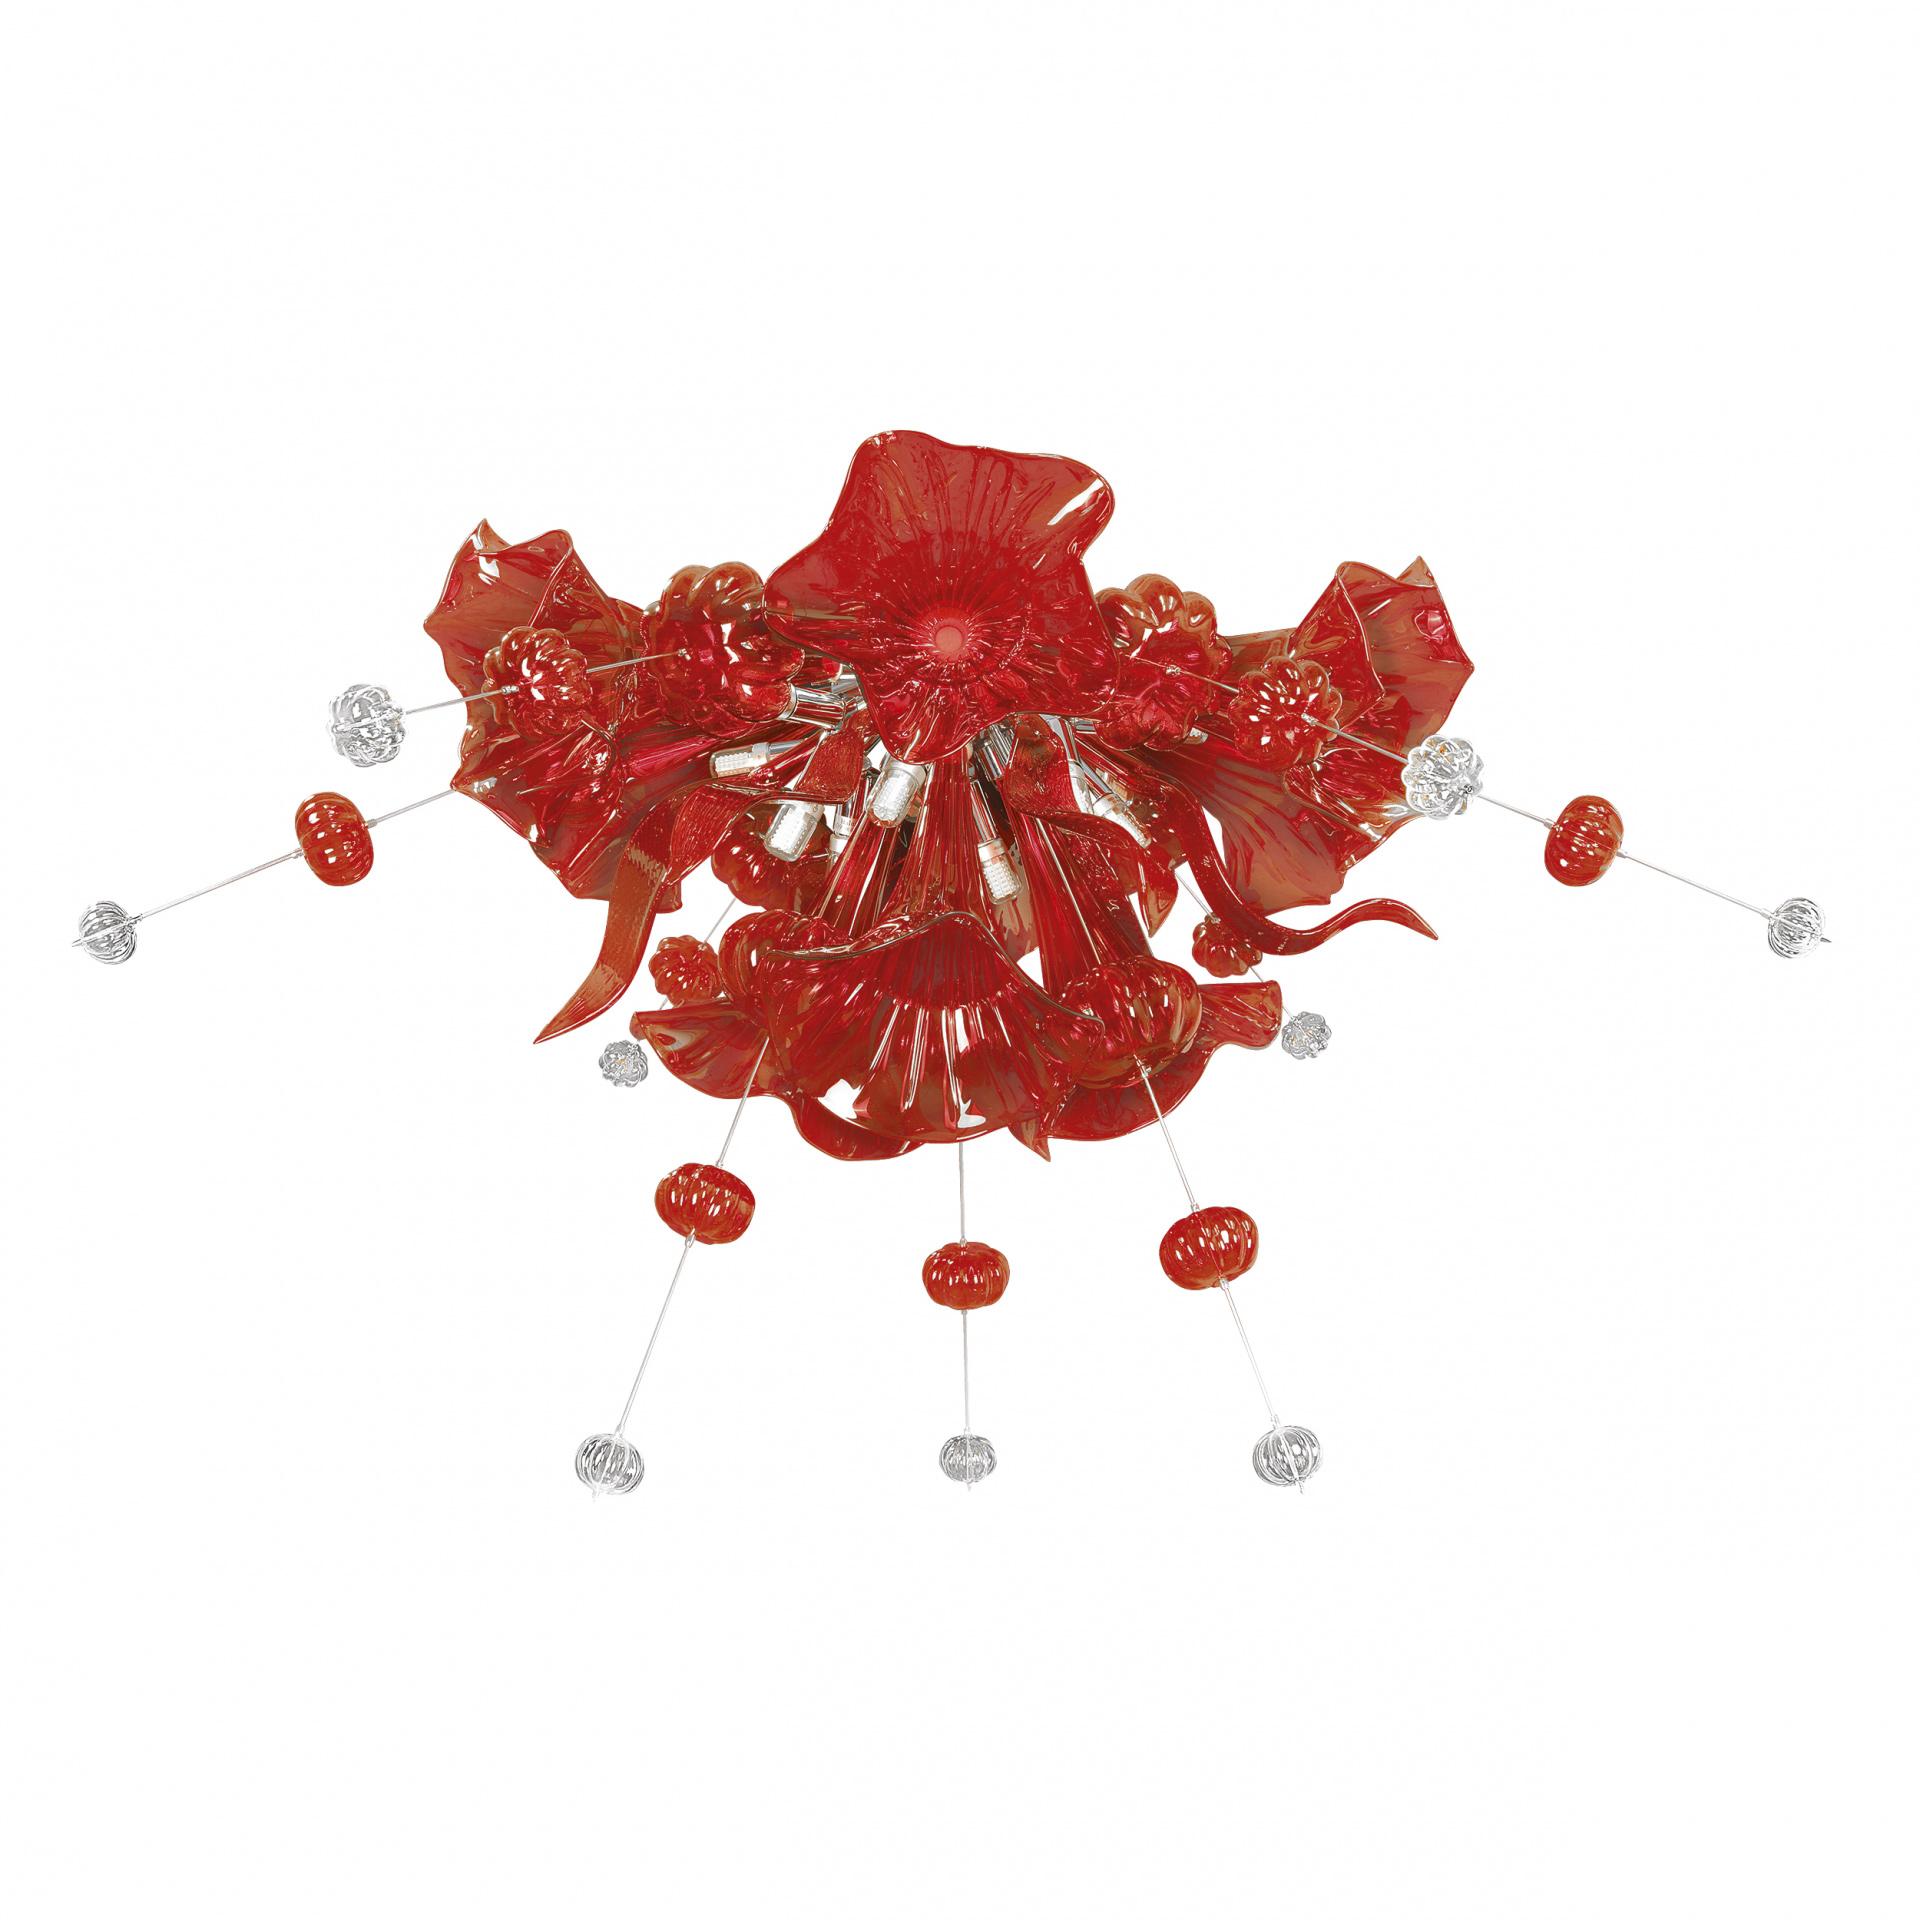 Люстра потолочная Celesta 12х6W (Led) G9 красный Lightstar 893022, купить в СПб, Москве, с доставкой, Санкт-Петербург, интернет-магазин люстр и светильников Starlight, фото в жизни